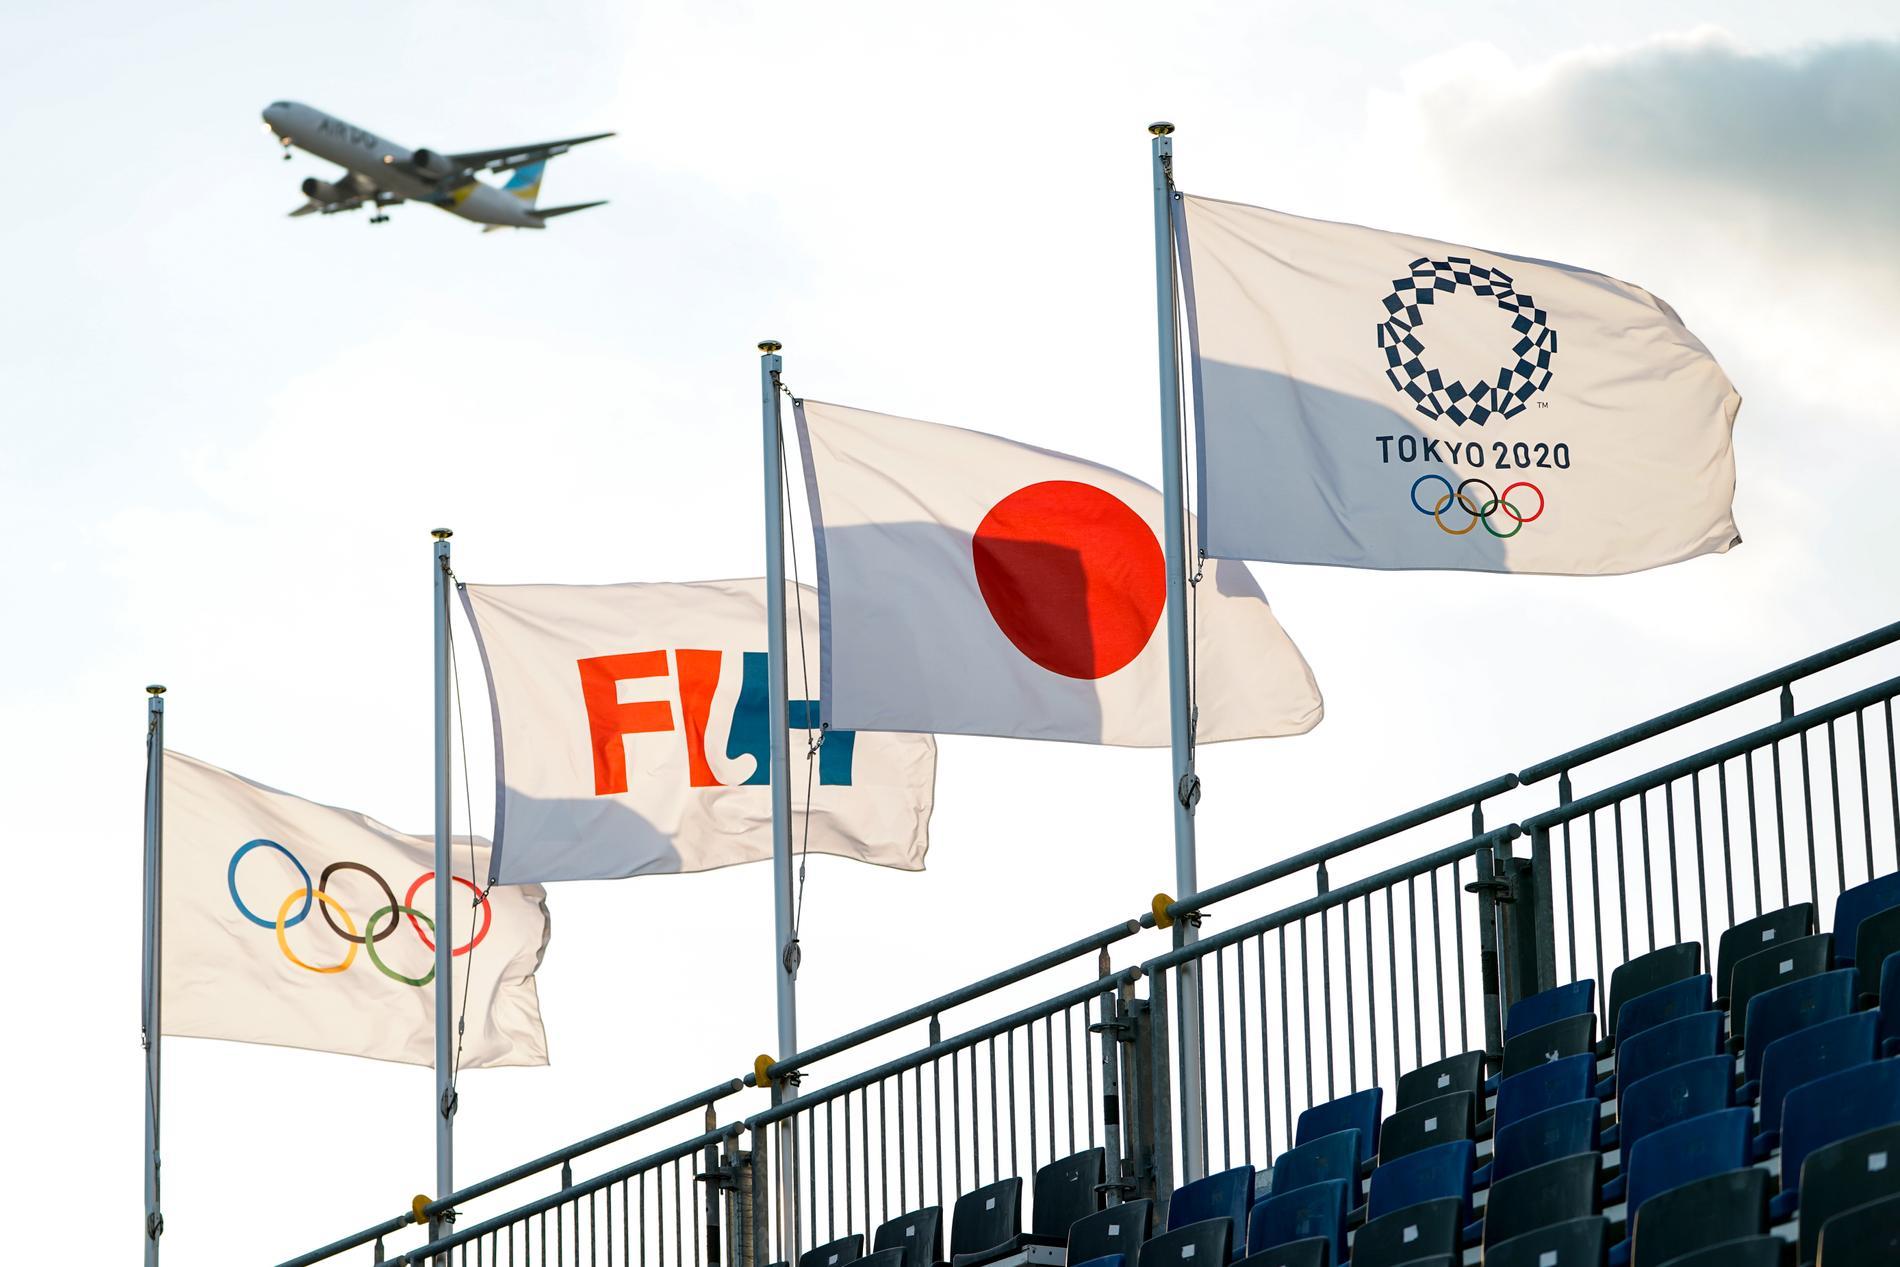 En amerikansk journalist fick åka hem igen för att kunna ta sig in i Japan i tid för OS.